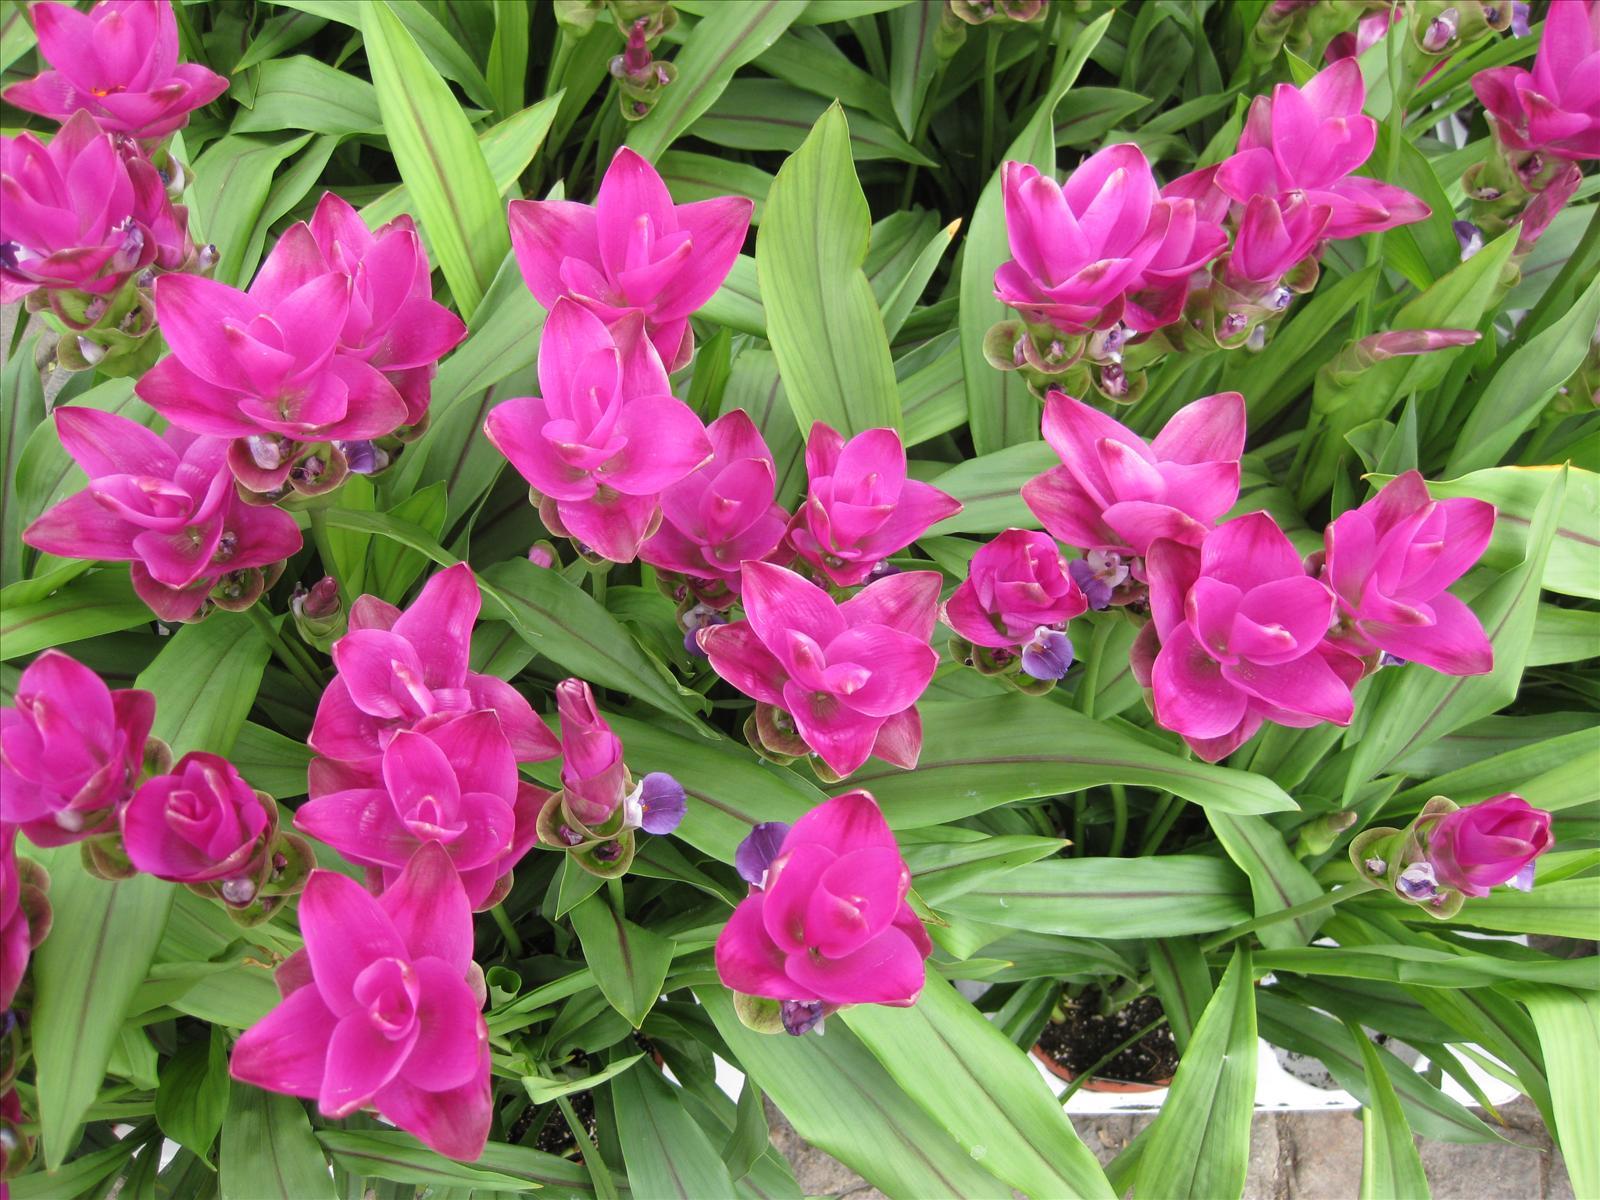 Växtens namn?   rabatter, perenner och annueller   trädgård ifokus